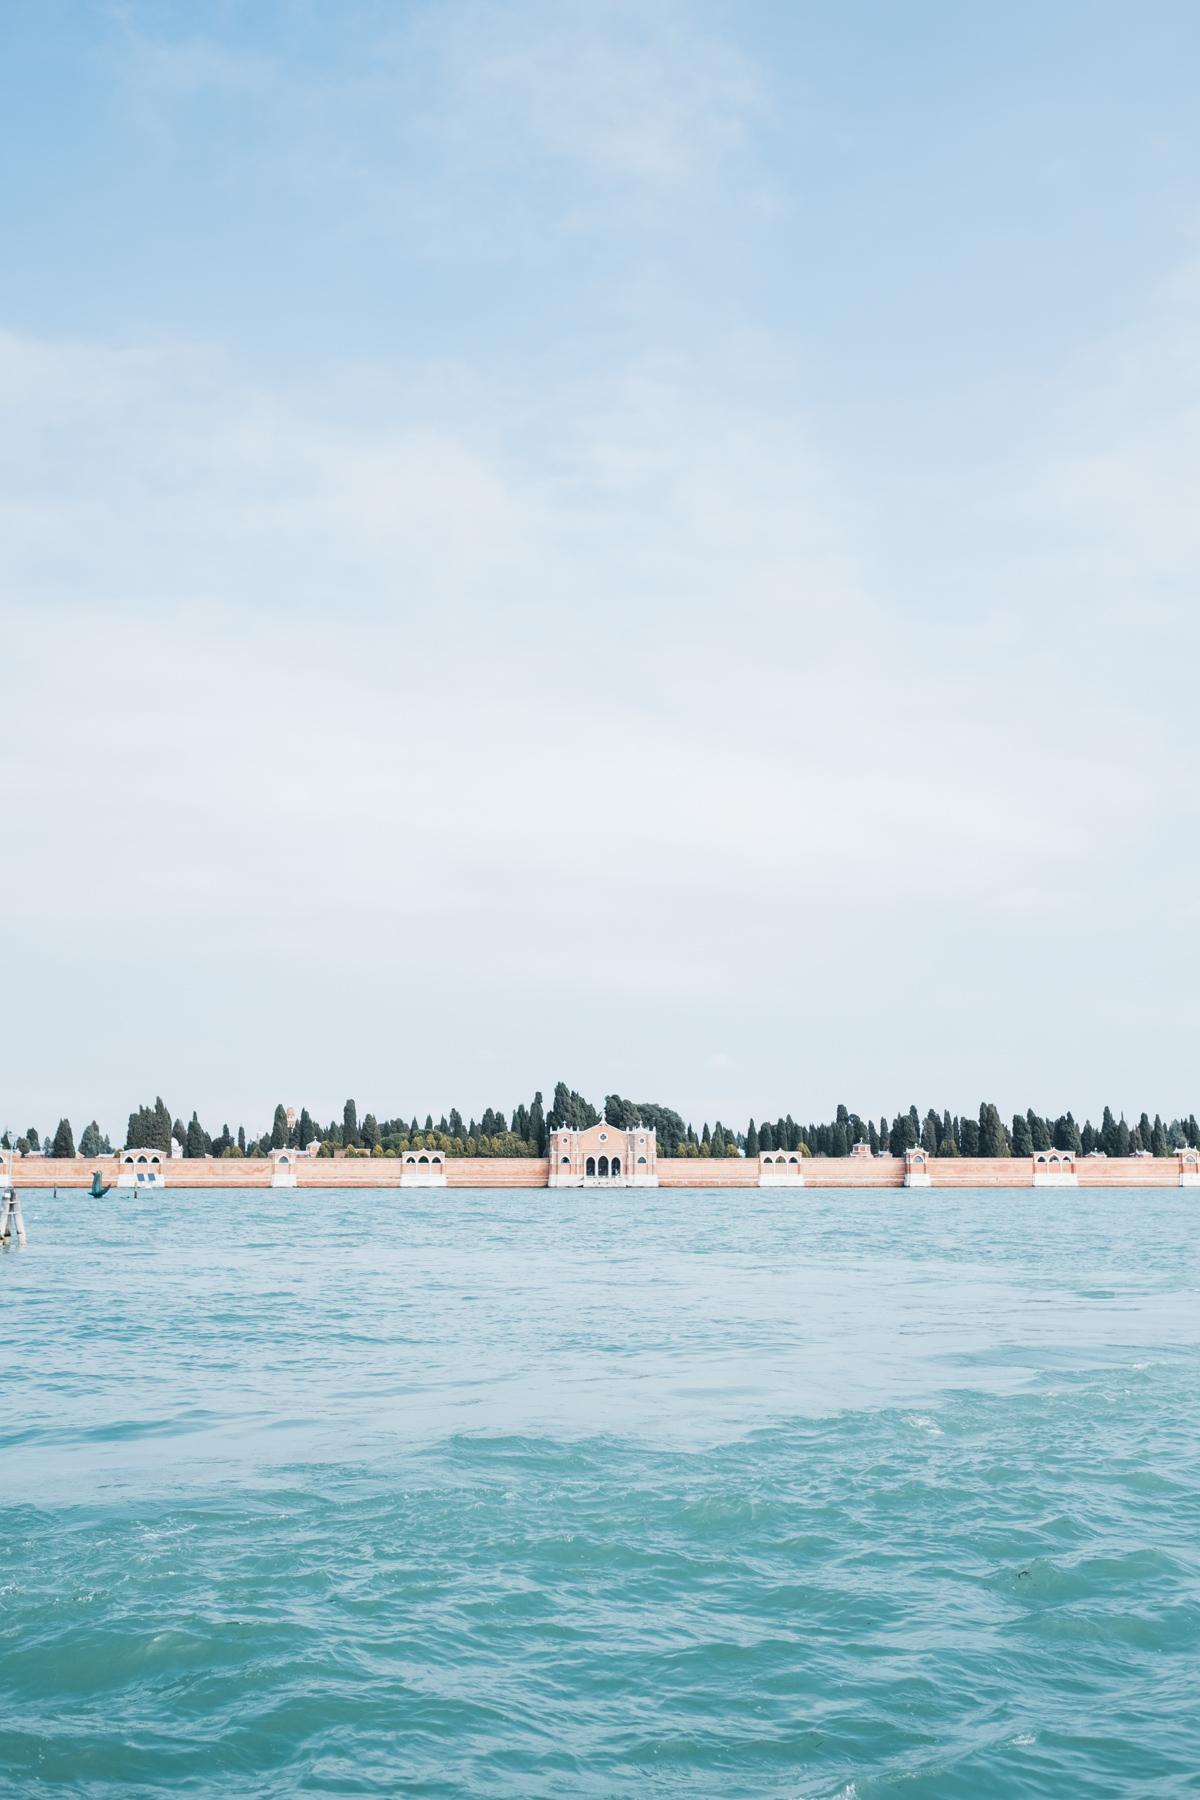 Venice_deersphotography-60